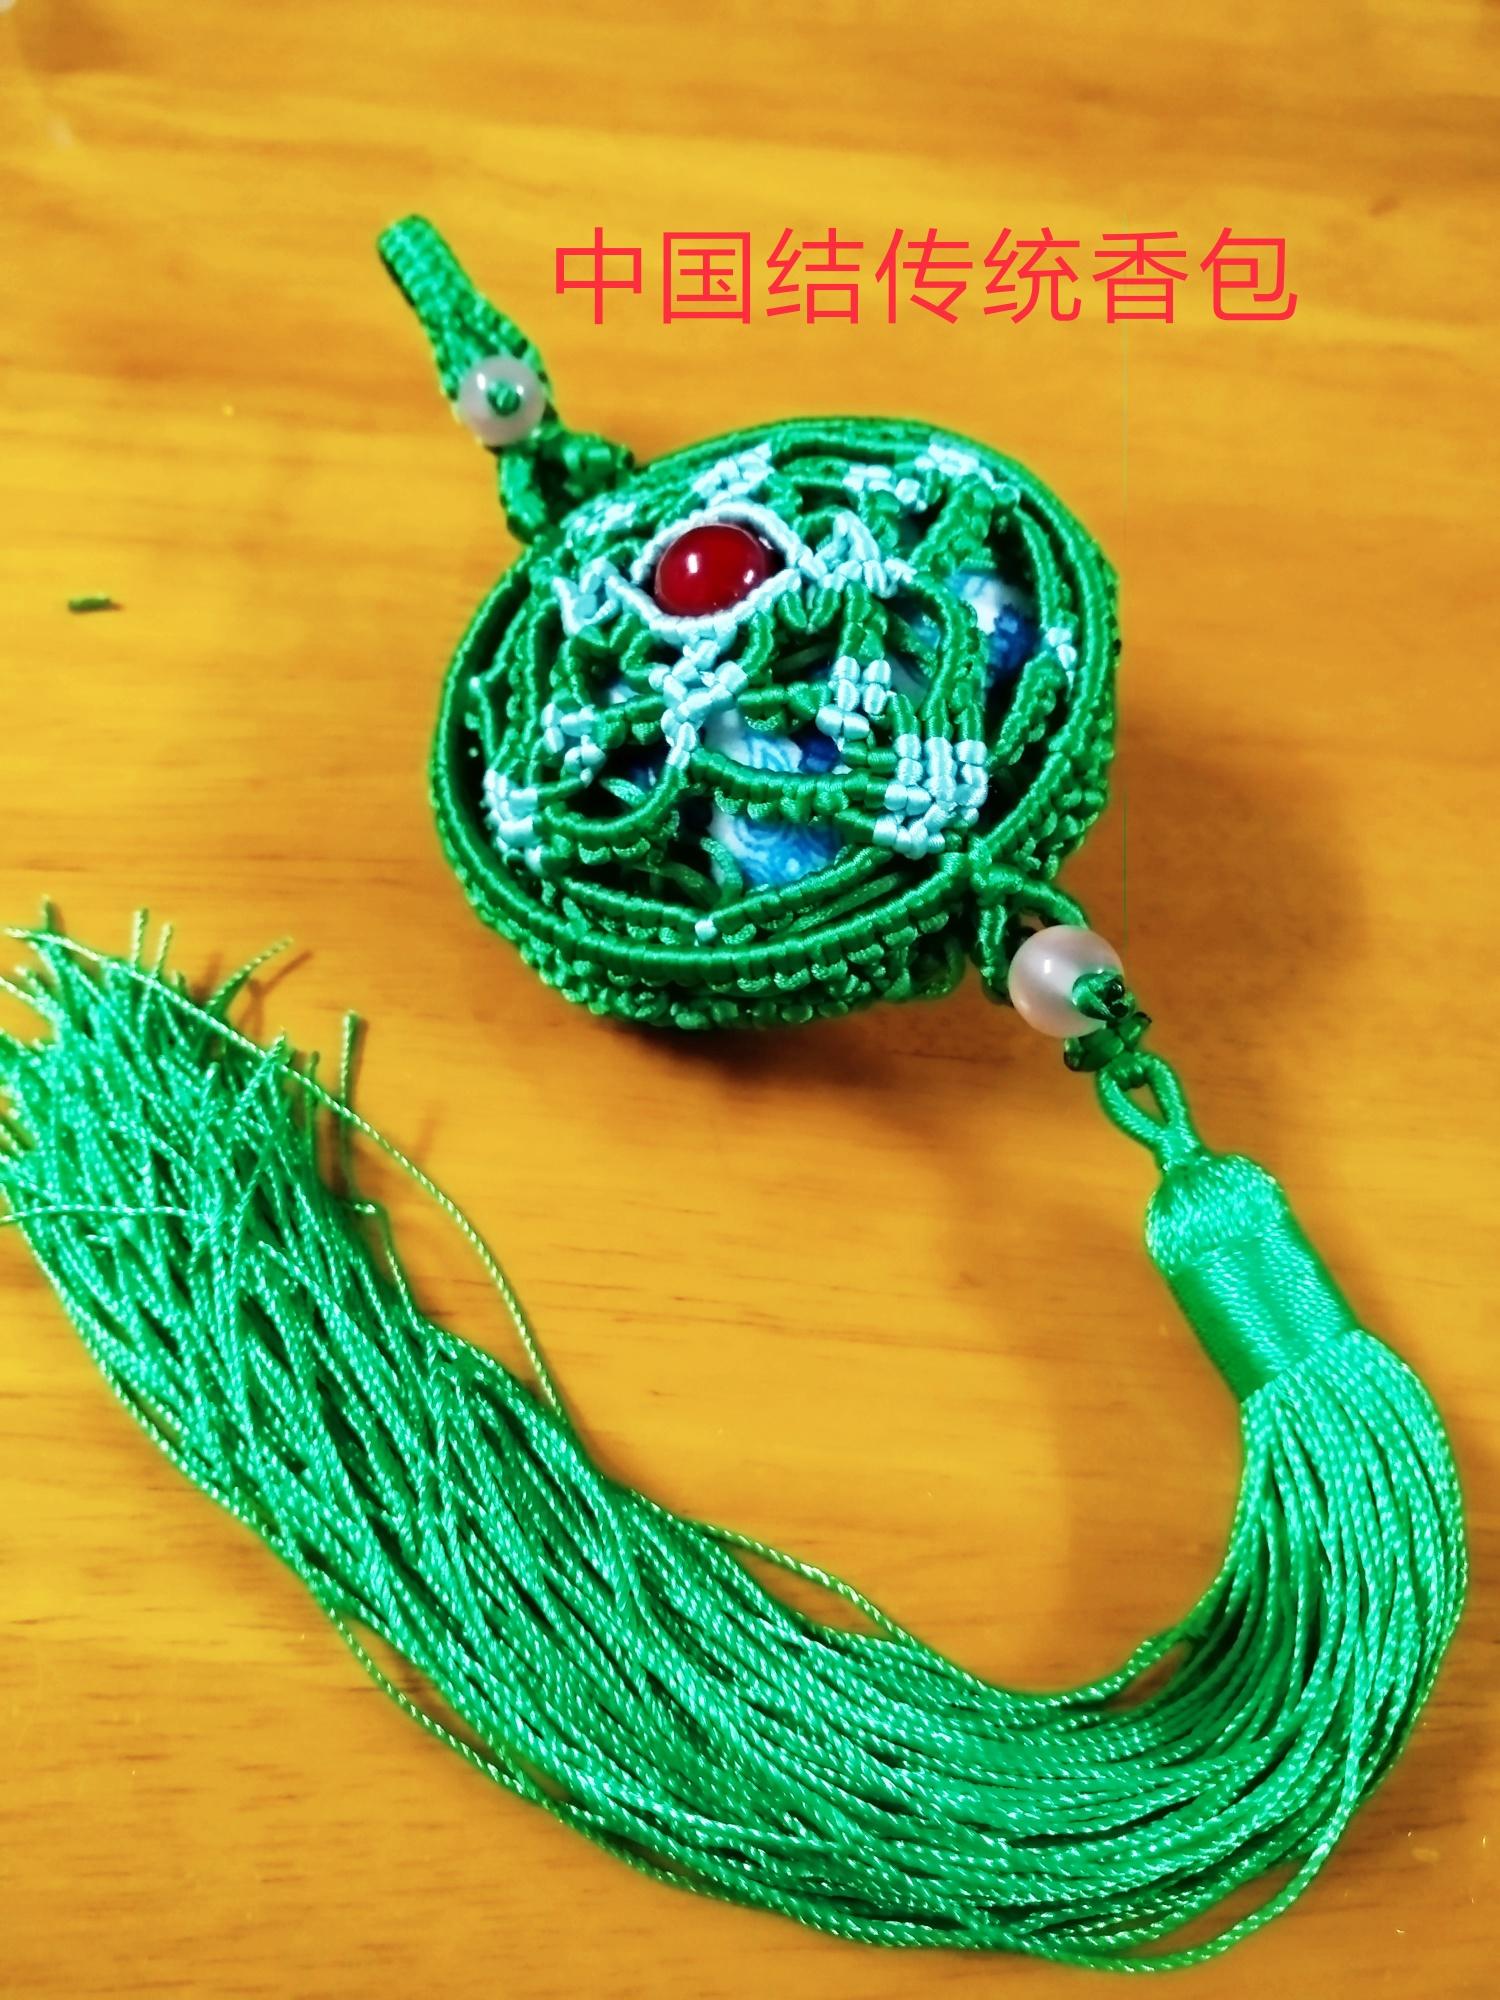 中国结论坛 |斜卷结挂饰 挂饰,斜卷结编织各种小挂件,中国结荷包的编法图解,手工编织刀马旦教程,用斜卷结编织的小老鼠 作品展示 025745j0obq7omre8q8rqq